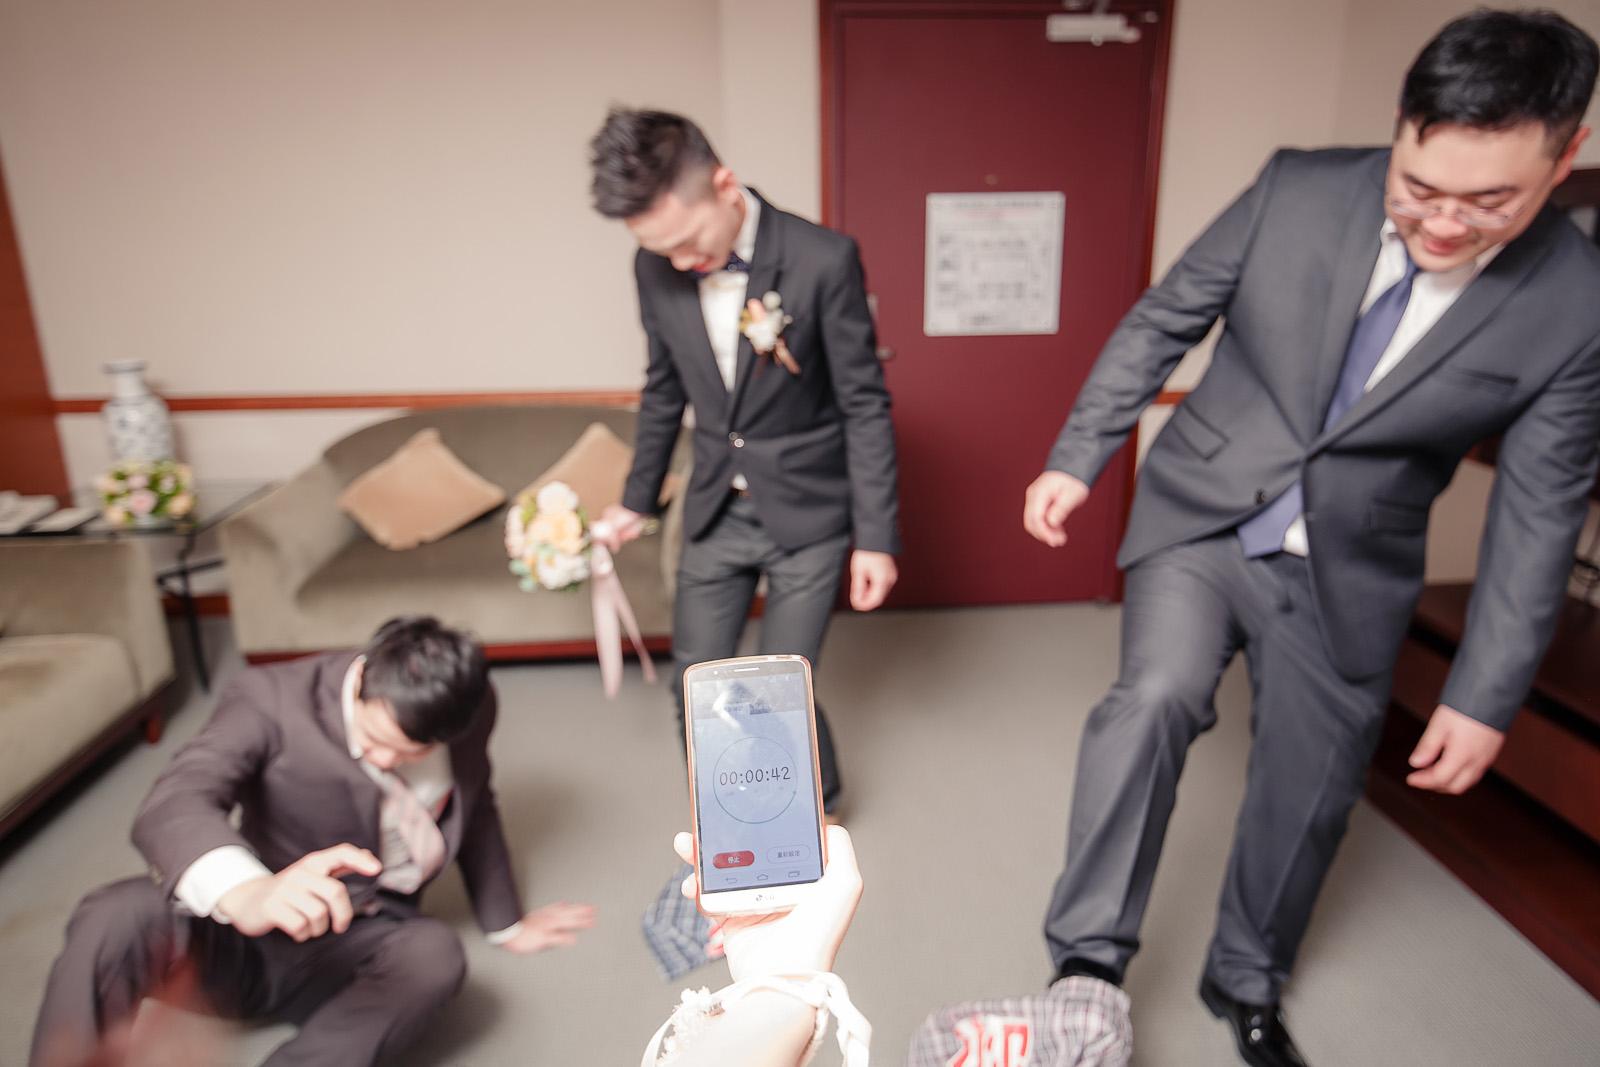 高雄圓山飯店,婚禮攝影,婚攝,高雄婚攝,優質婚攝推薦,Jen&Ethan-117